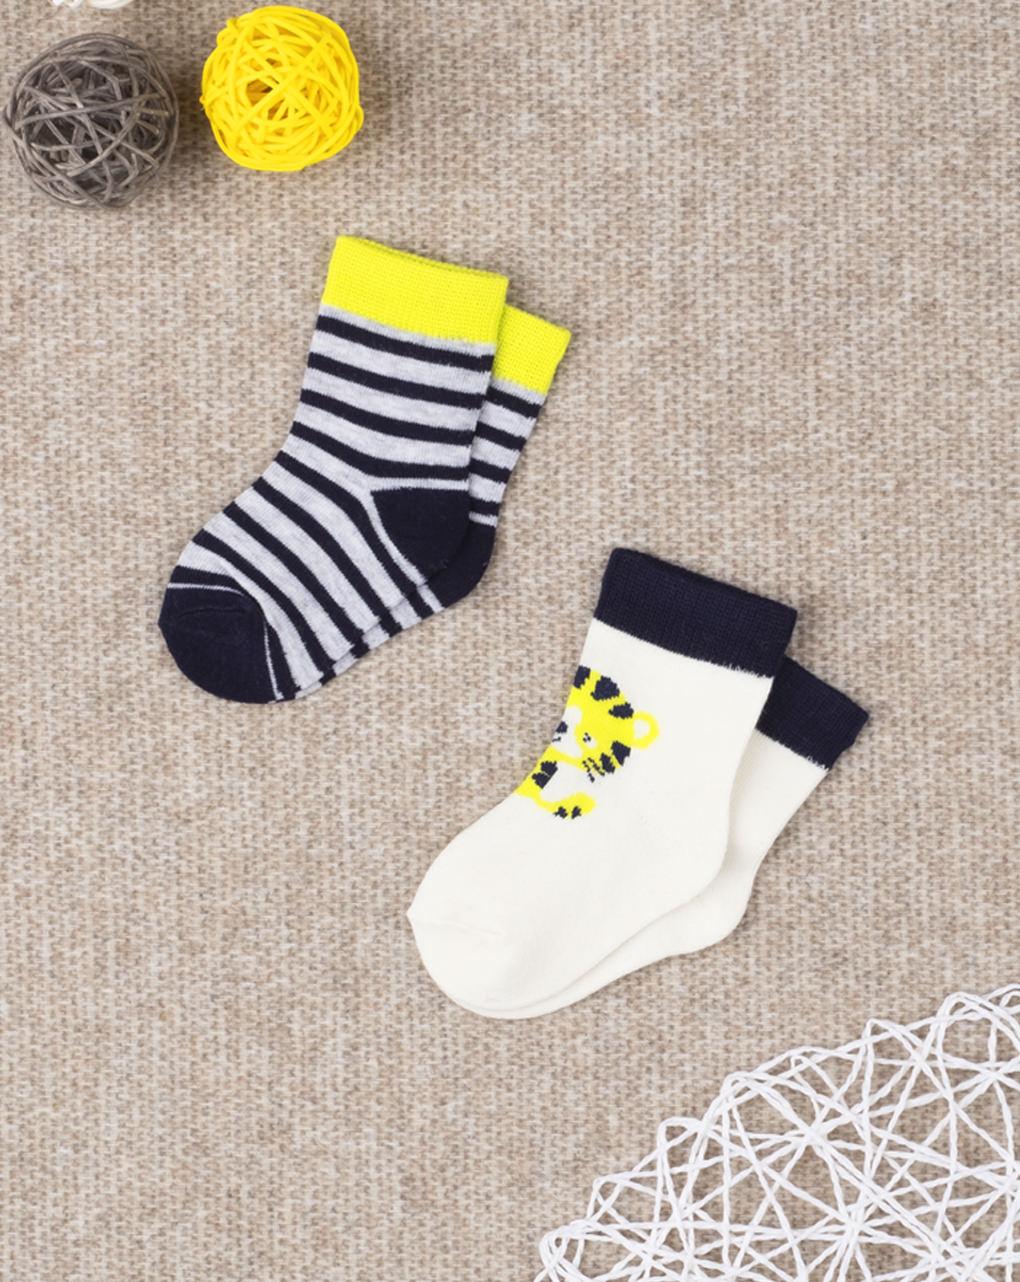 Καλτσάκια Μπλε και Κίτρινο με Στάμπα Πακέτο X2 Ζευγάρια για Αγόρι